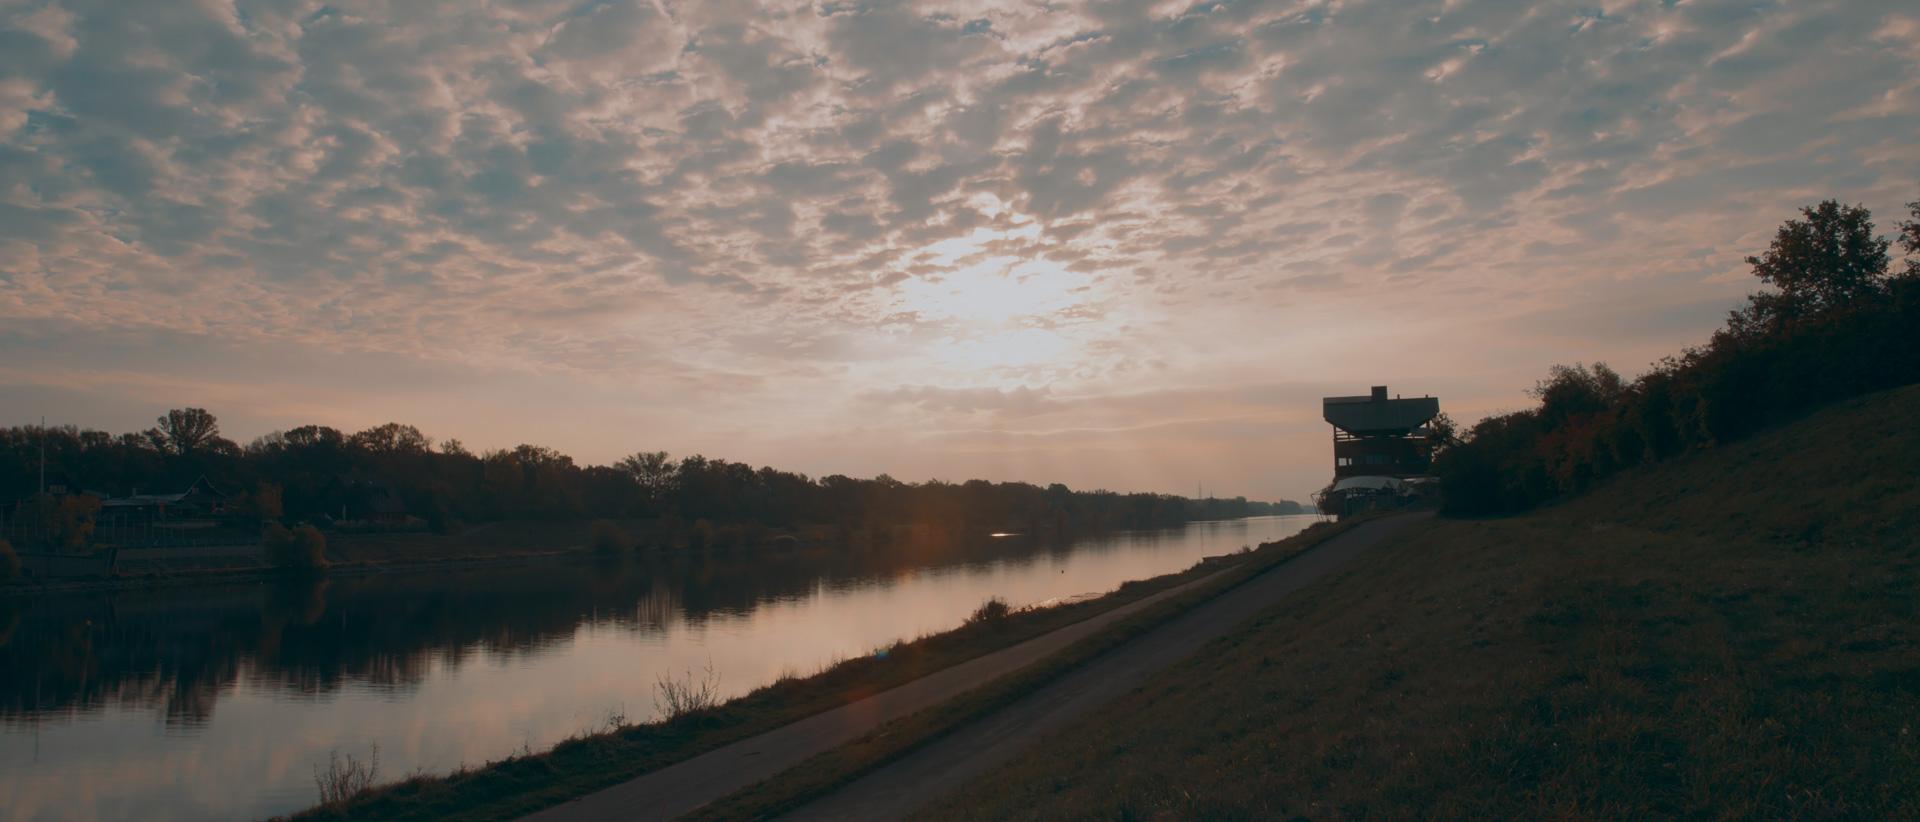 Kanuverband_Imagefilm_01.jpg